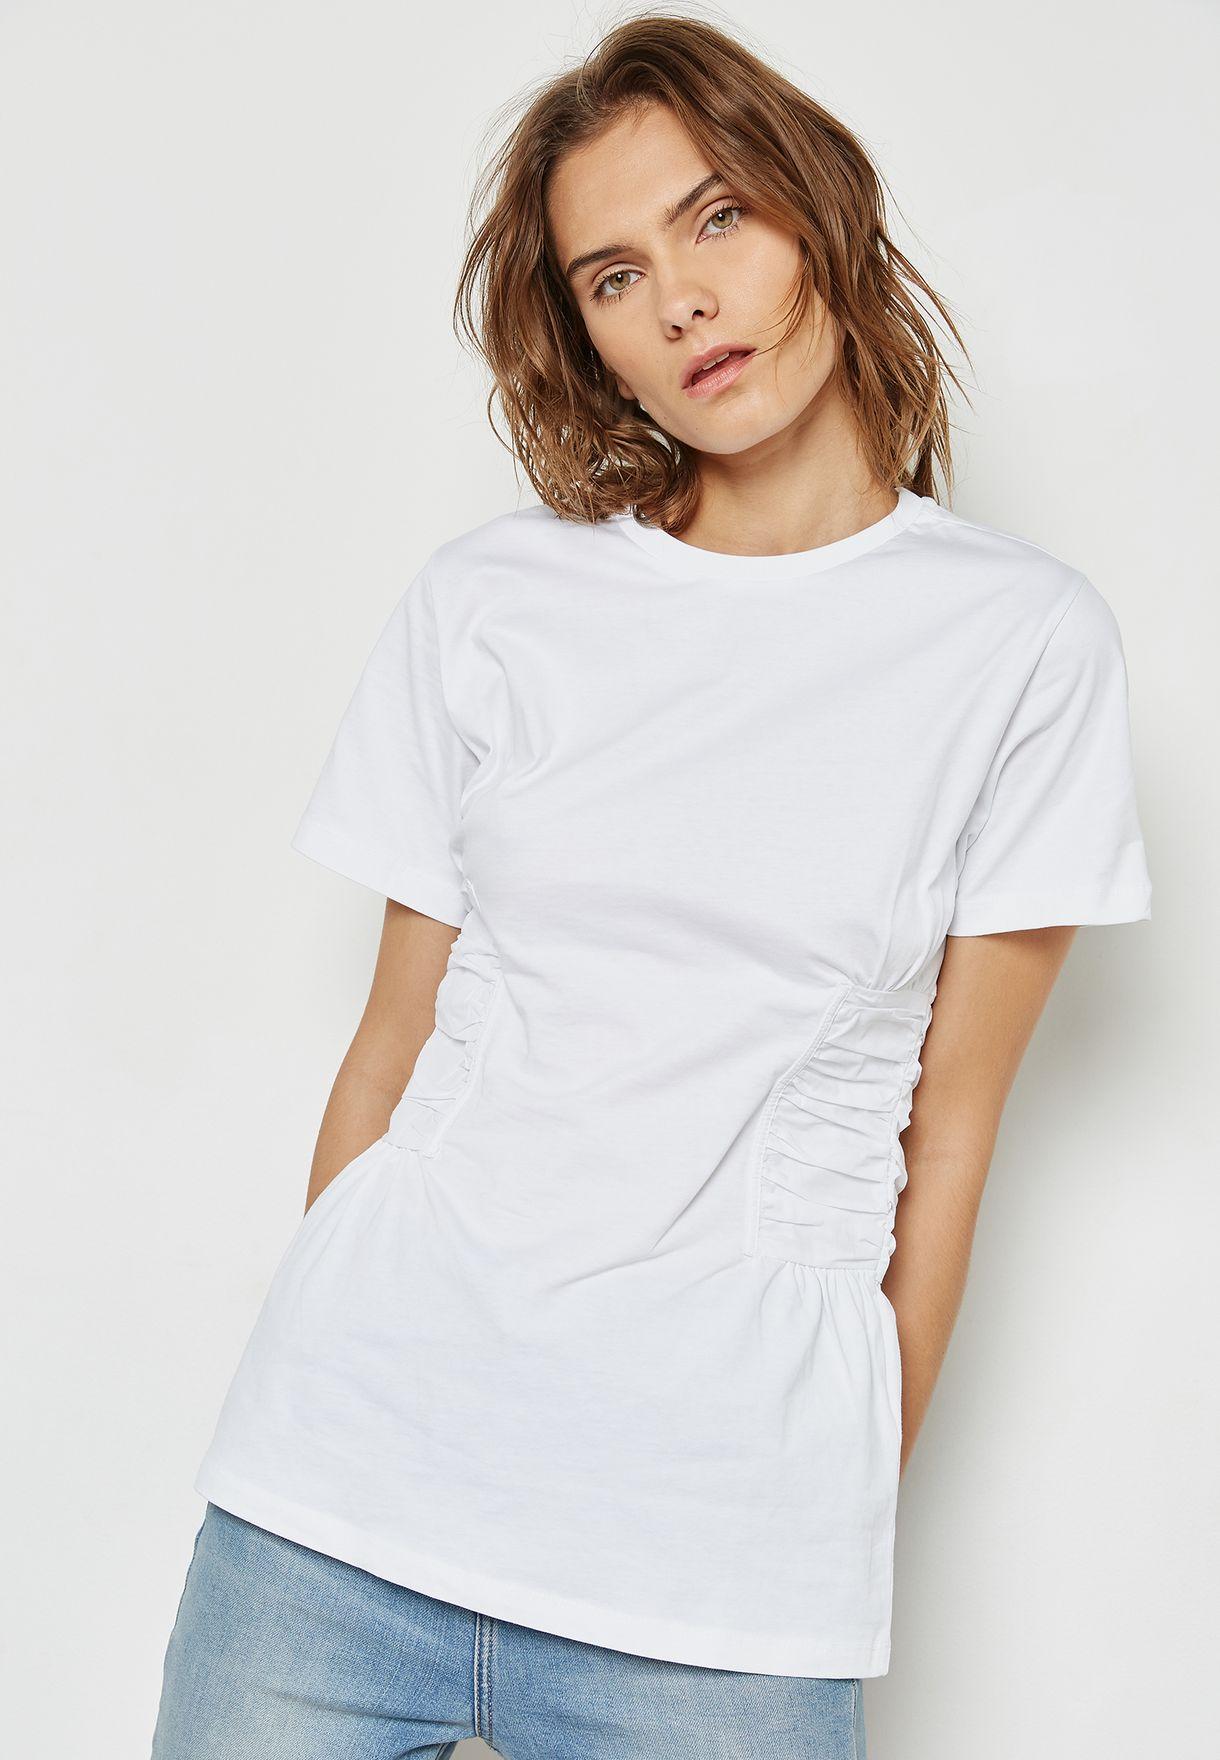 e4d3d92c198 Shop Topshop white Corset T-Shirt 04P07MWHT for Women in UAE ...